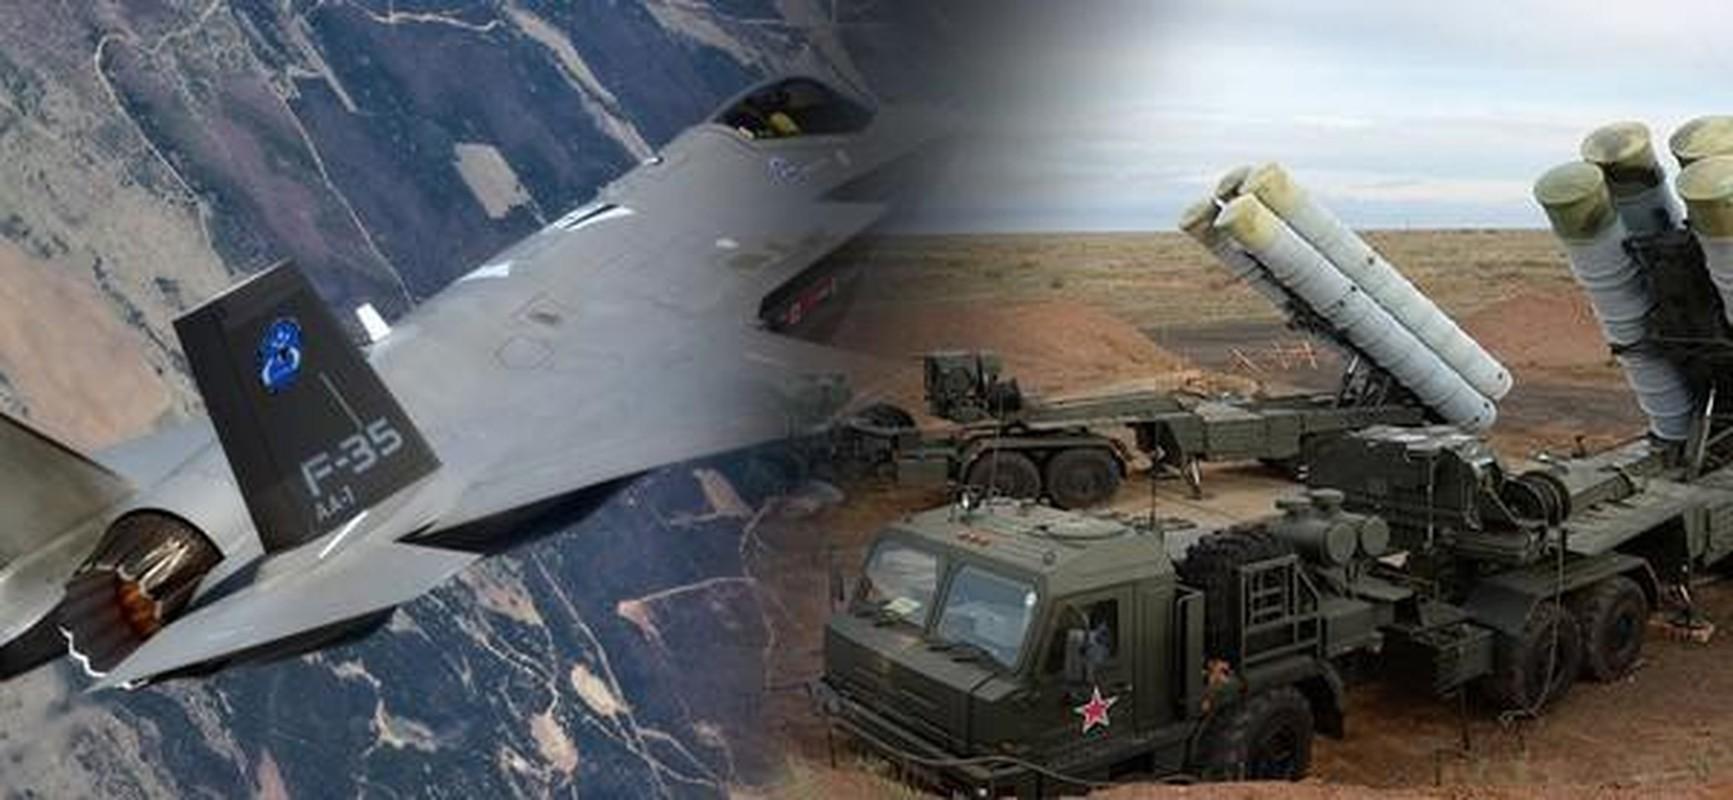 Khong phai ten lua S-400, day moi la moi de doa lon nhat voi F-35-Hinh-5